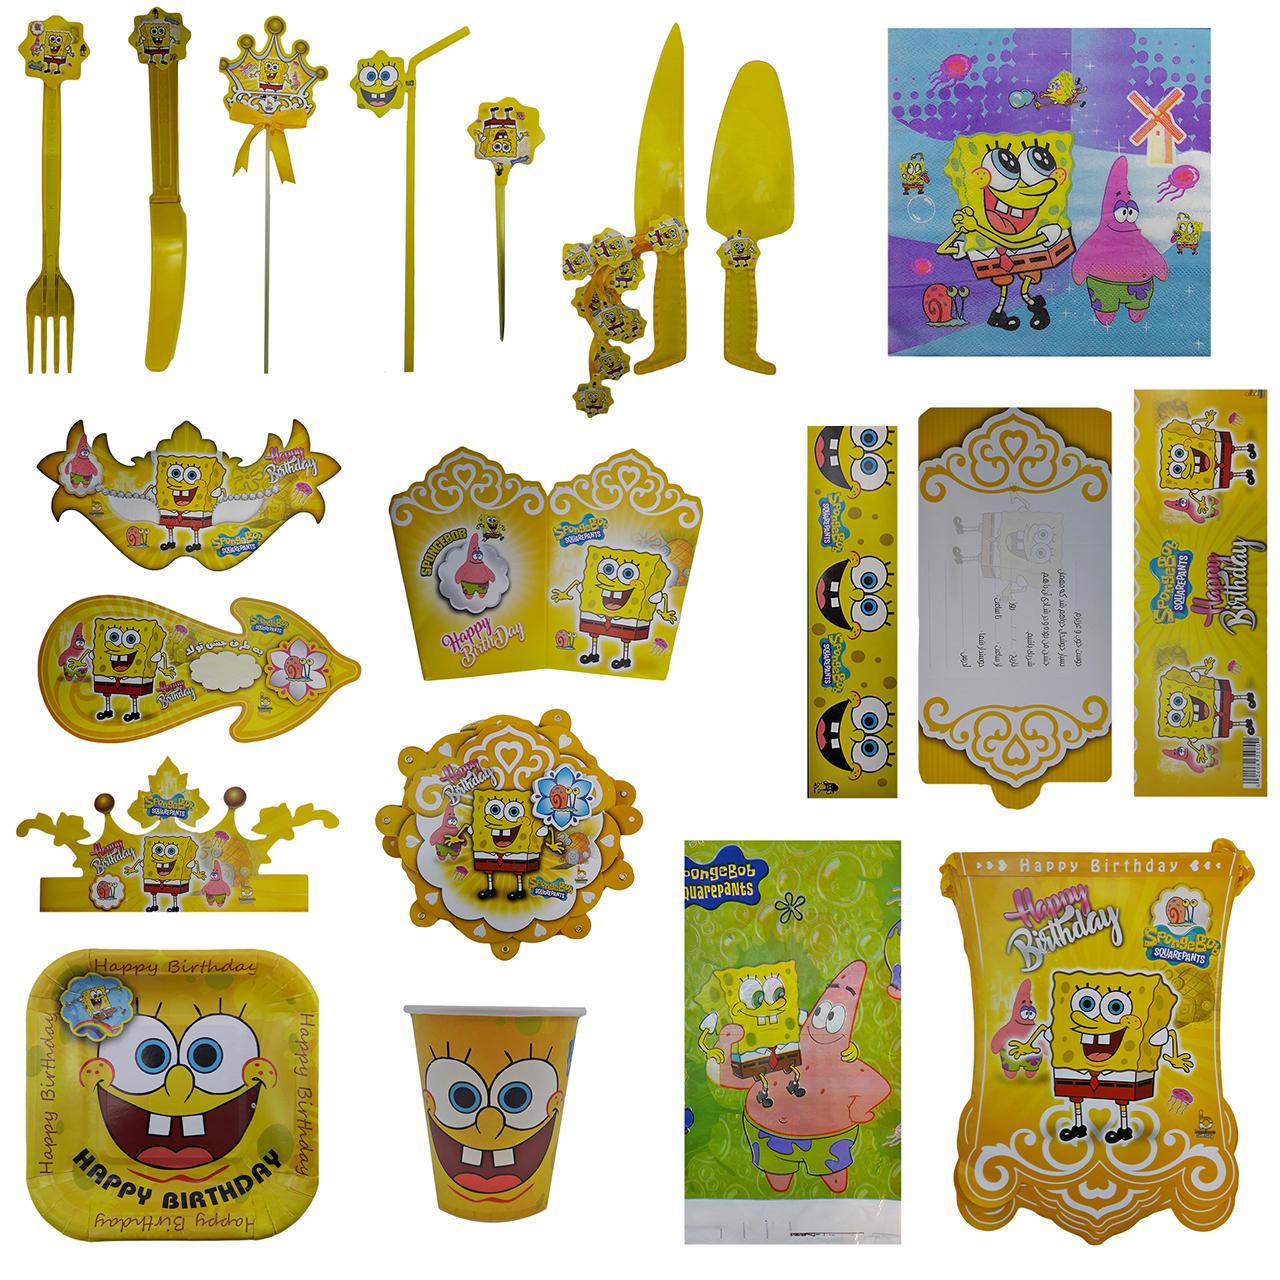 عکس پک جشن تولد گالری زیبا باکس مدل تم  باب اسفنجی Sponge Bob سایز 120